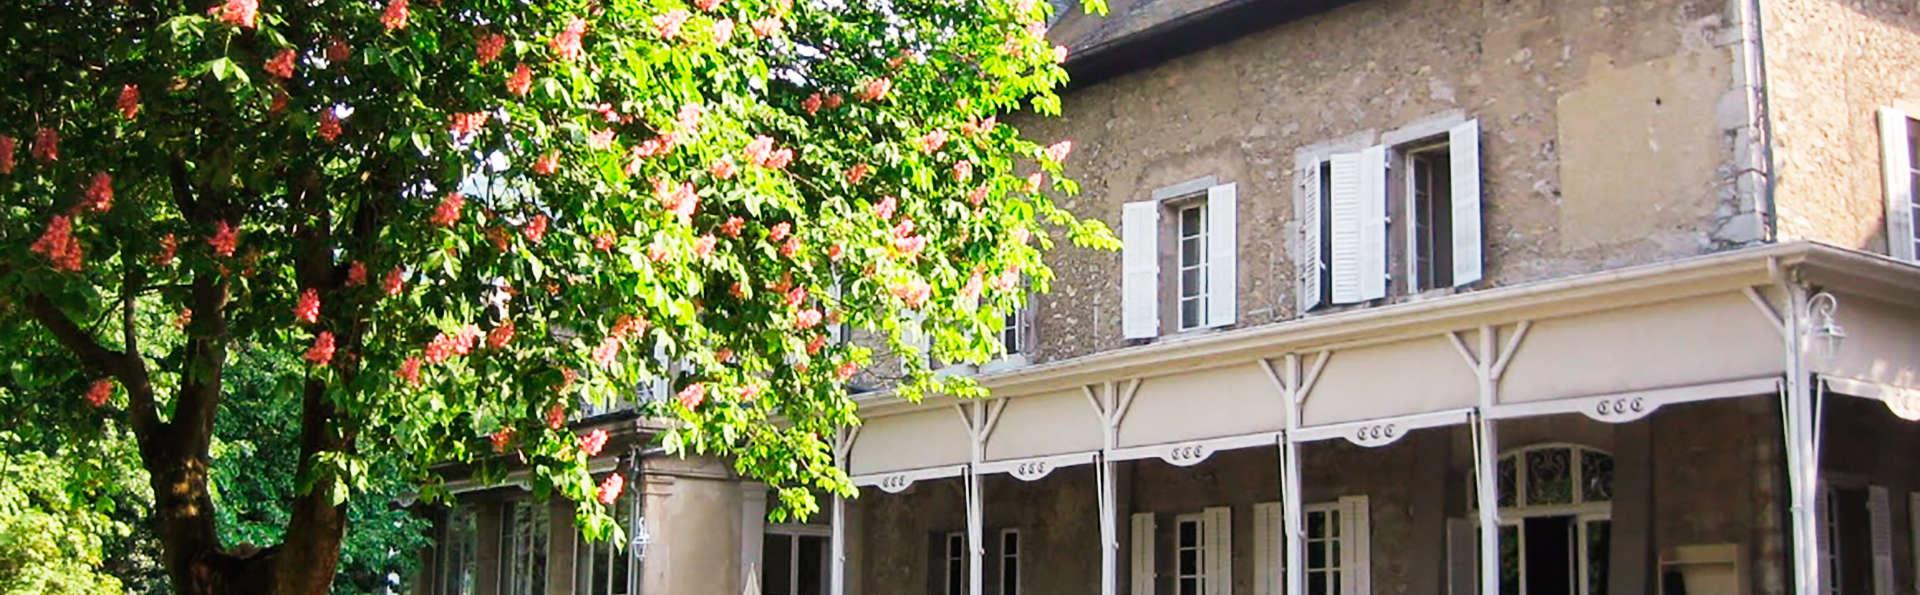 Château des Comtes de Challes - edit_front.jpg